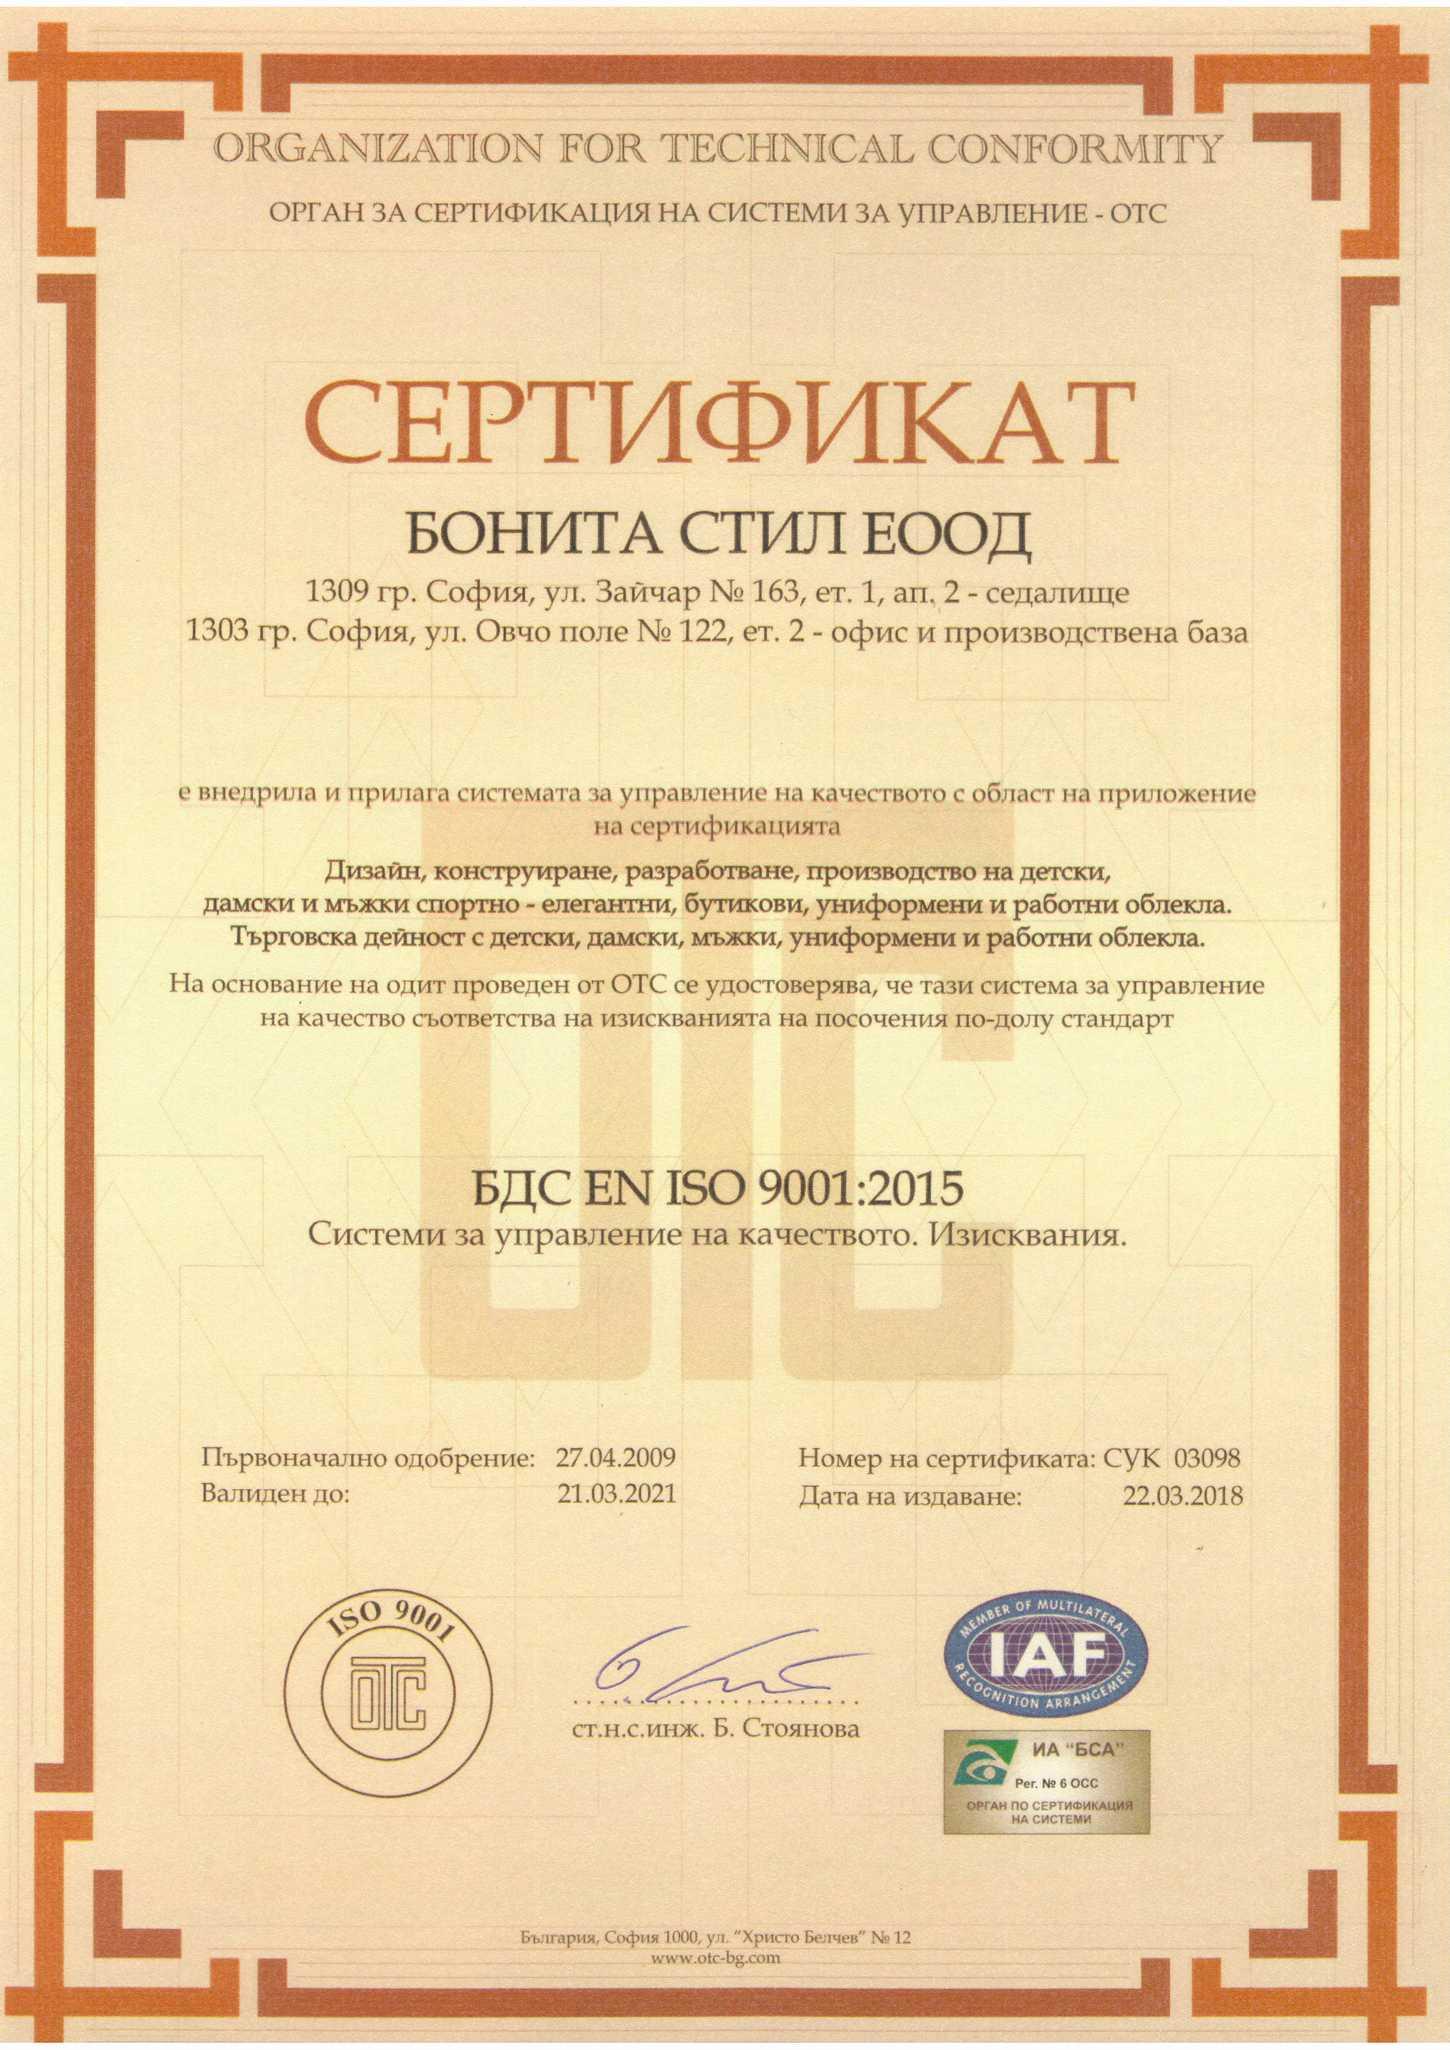 ISO 9001 BG